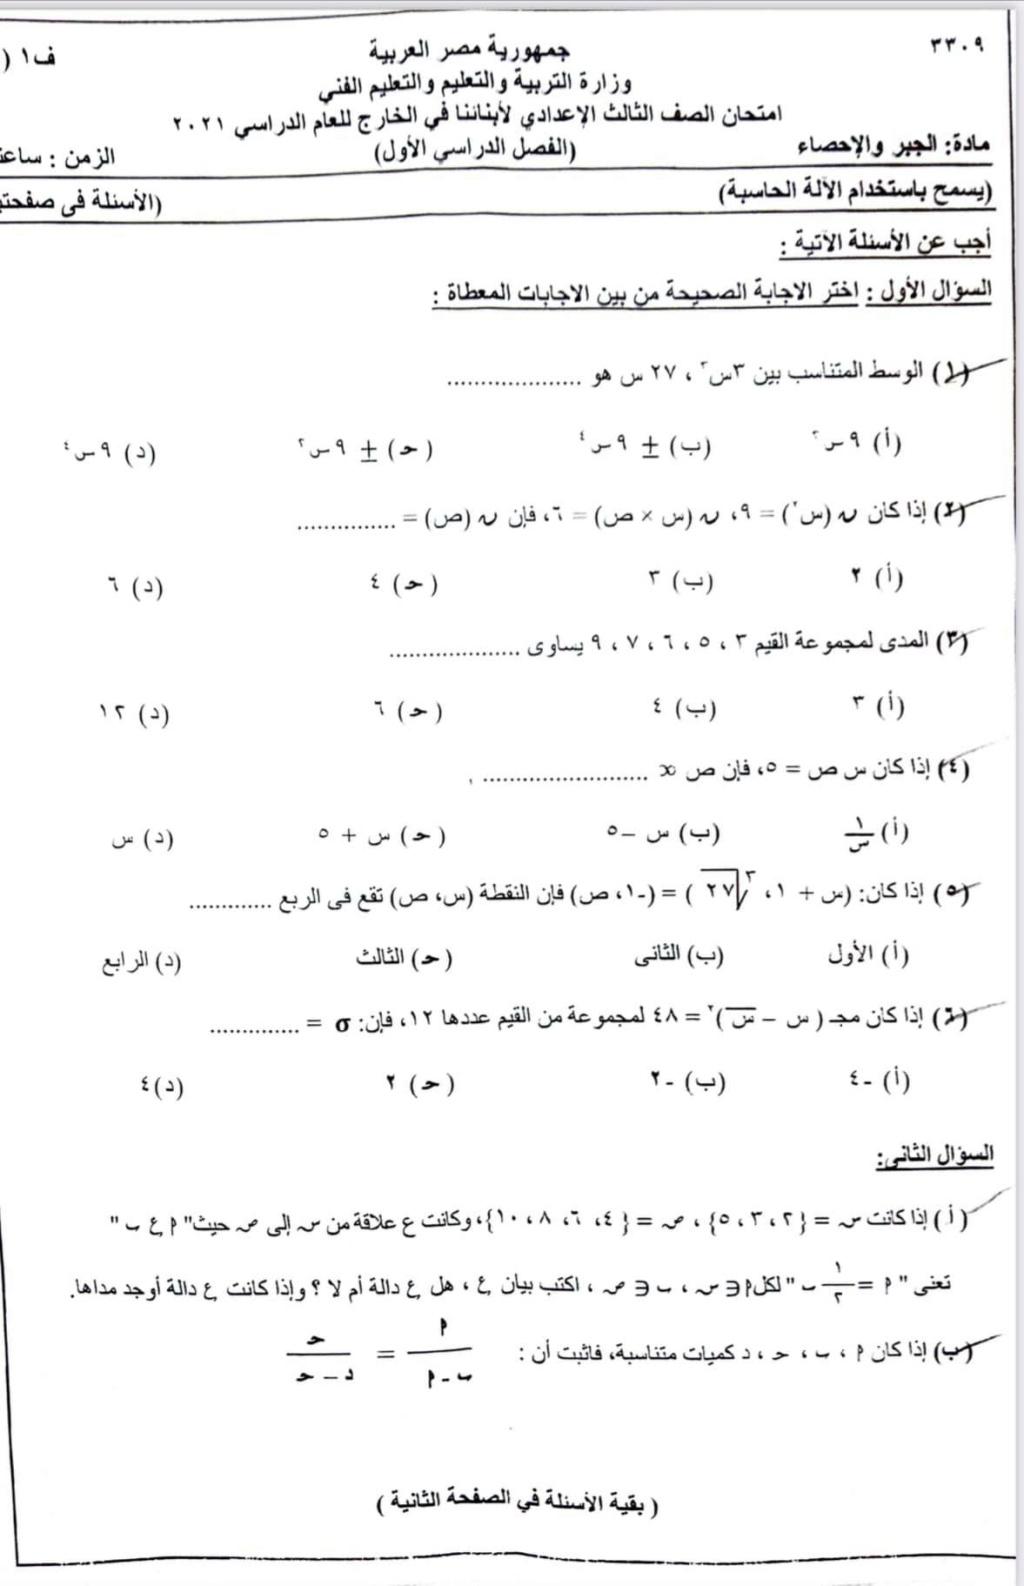 امتحان اليوم للشهادة الإعدادية 2021 رياضيات اليوم ابناؤنا في الخارج مسار مصري 14058310